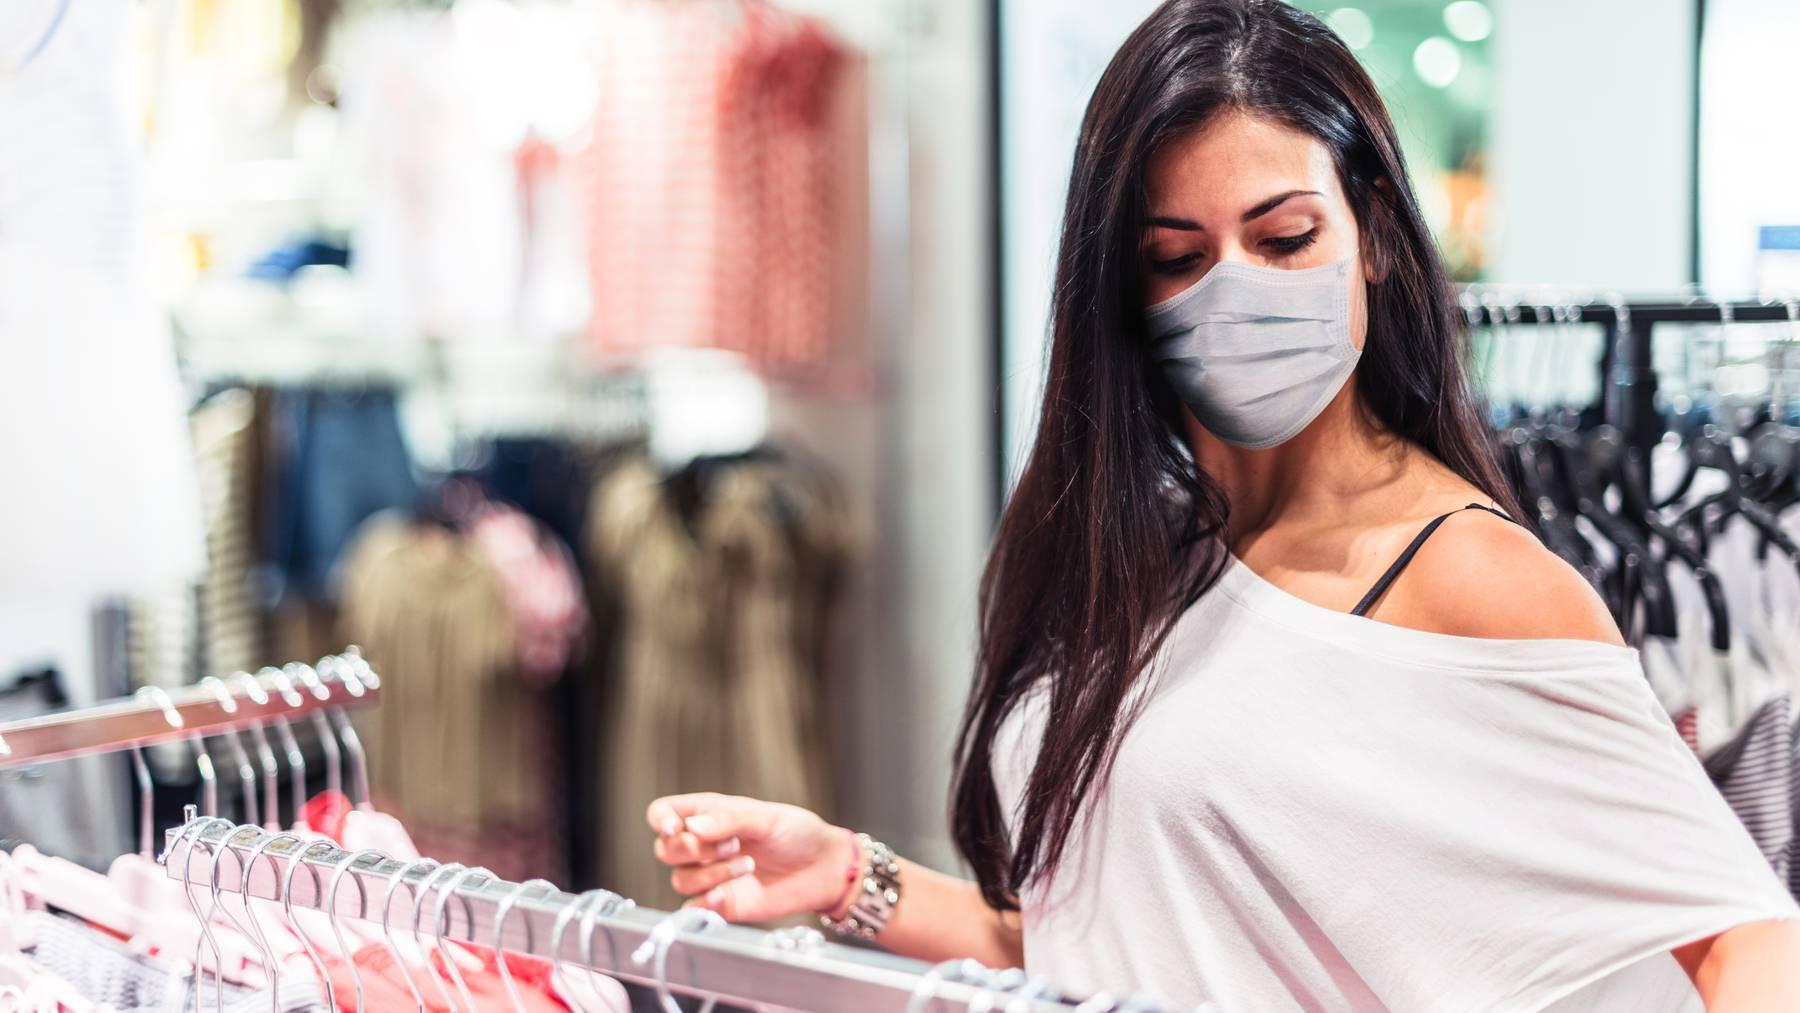 Shoppen mit Maske